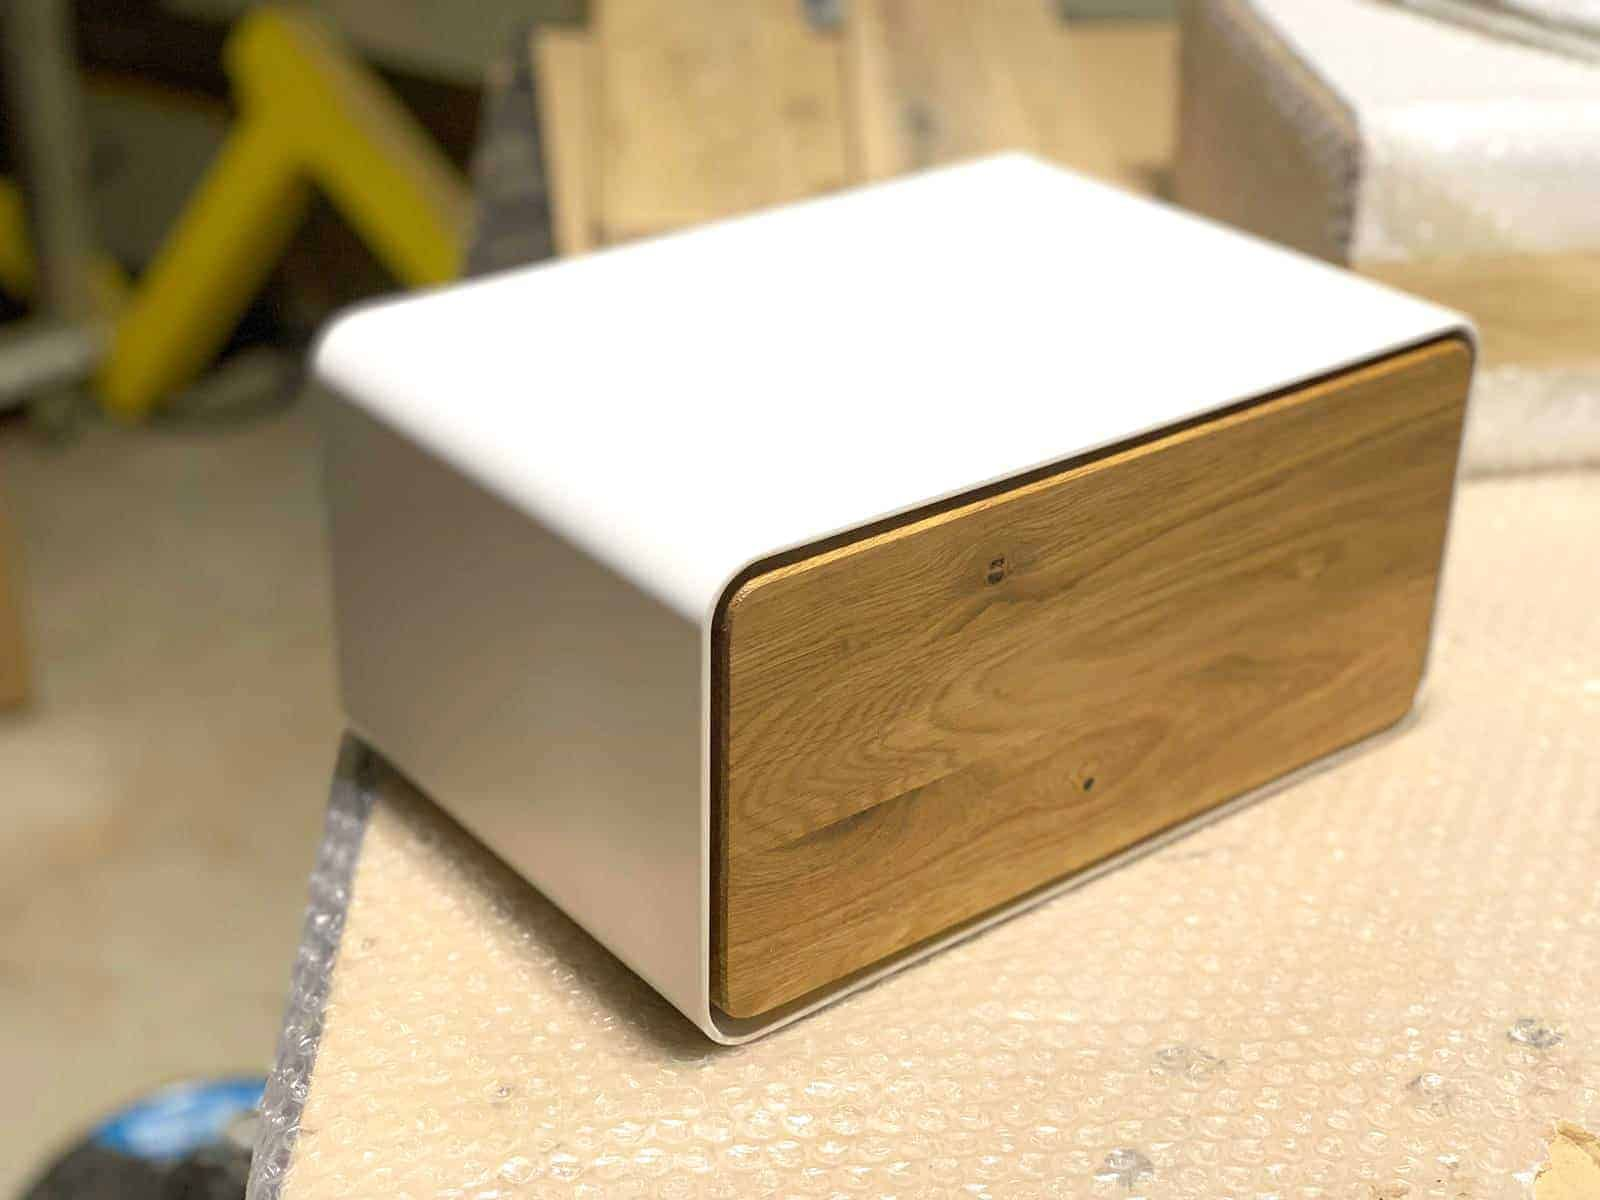 Nachttisch Dreamy 2 Weiss Hangend Holz Eiche Metall Modern Stahlzart Nachttisch Hangend Nachttisch Weiss Holz Nachttisch